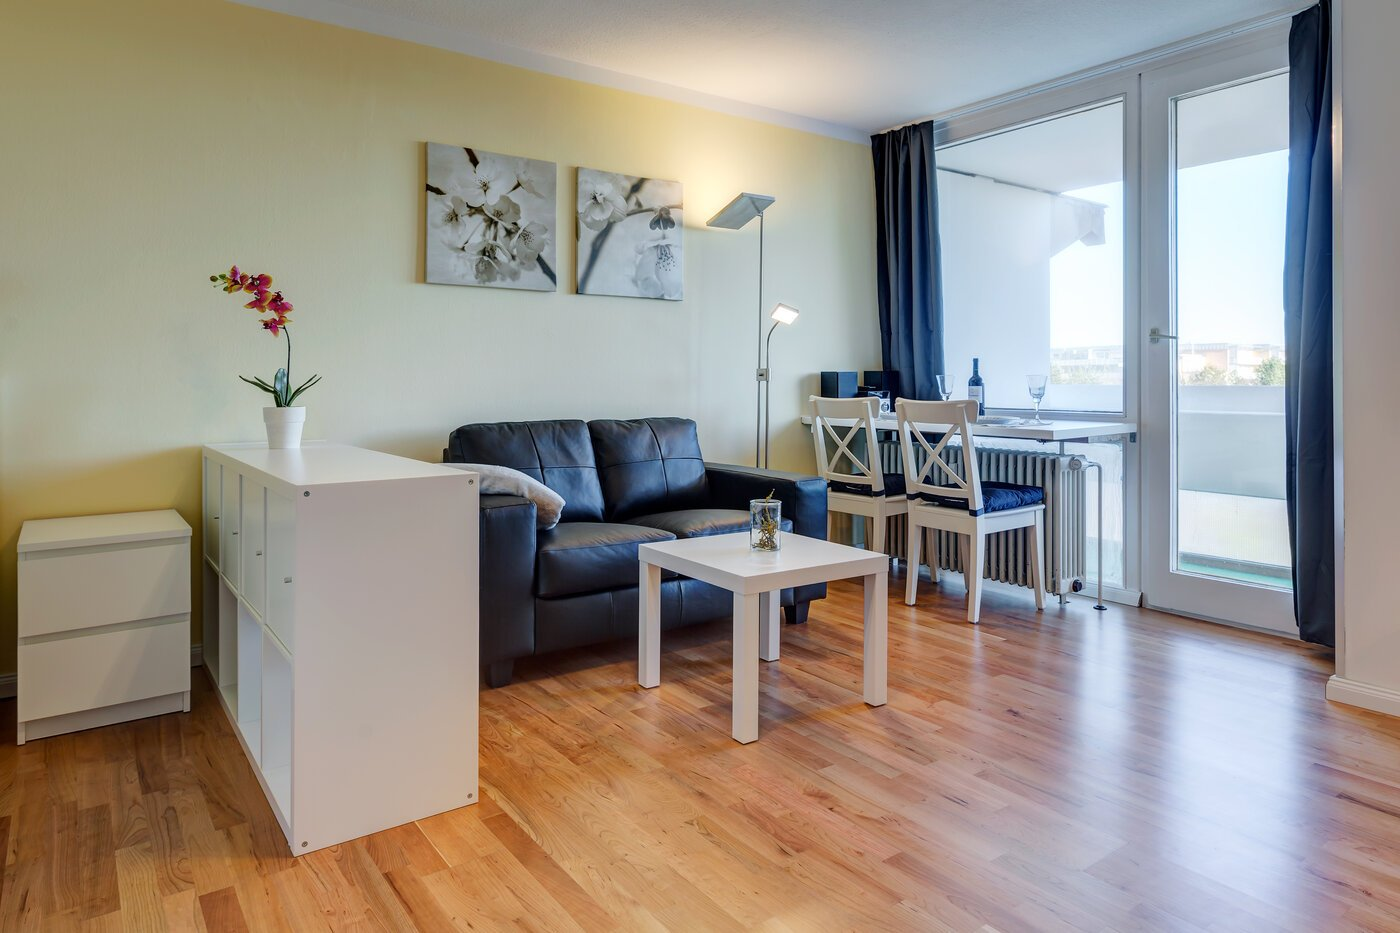 1 zimmer wohnung m bliert parkettboden m nchen neuperlach 9800. Black Bedroom Furniture Sets. Home Design Ideas